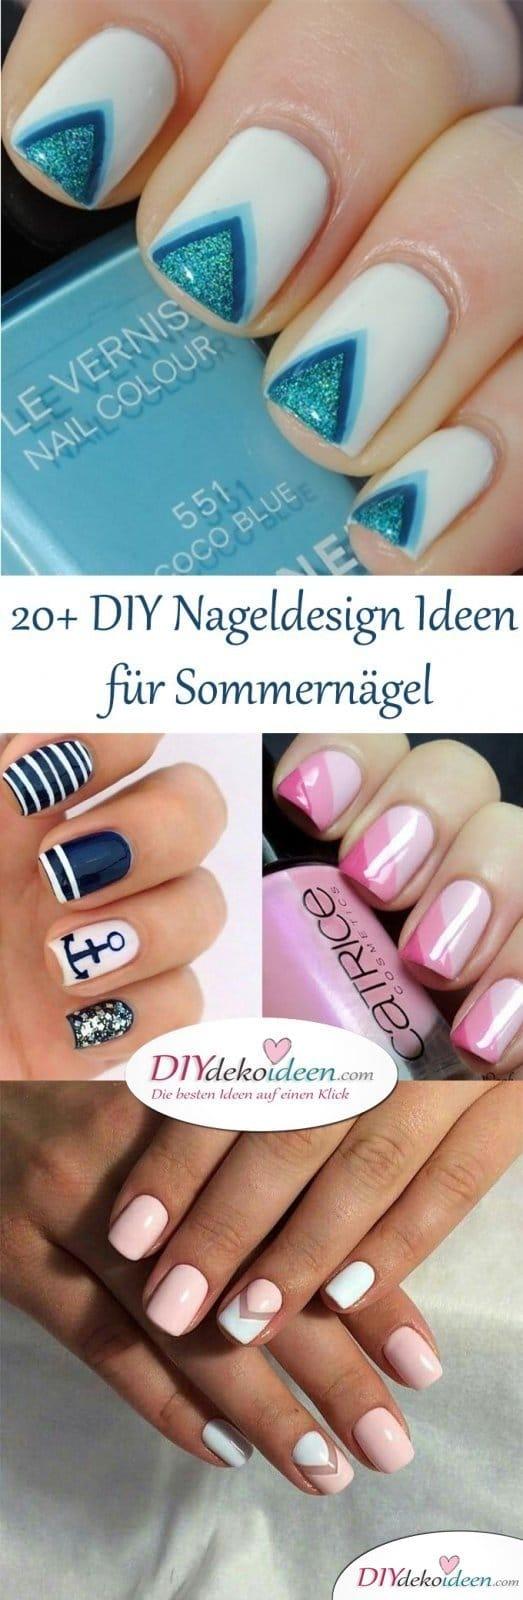 20 DIY Nageldesign Ideen Sommernägel - Trends 2017